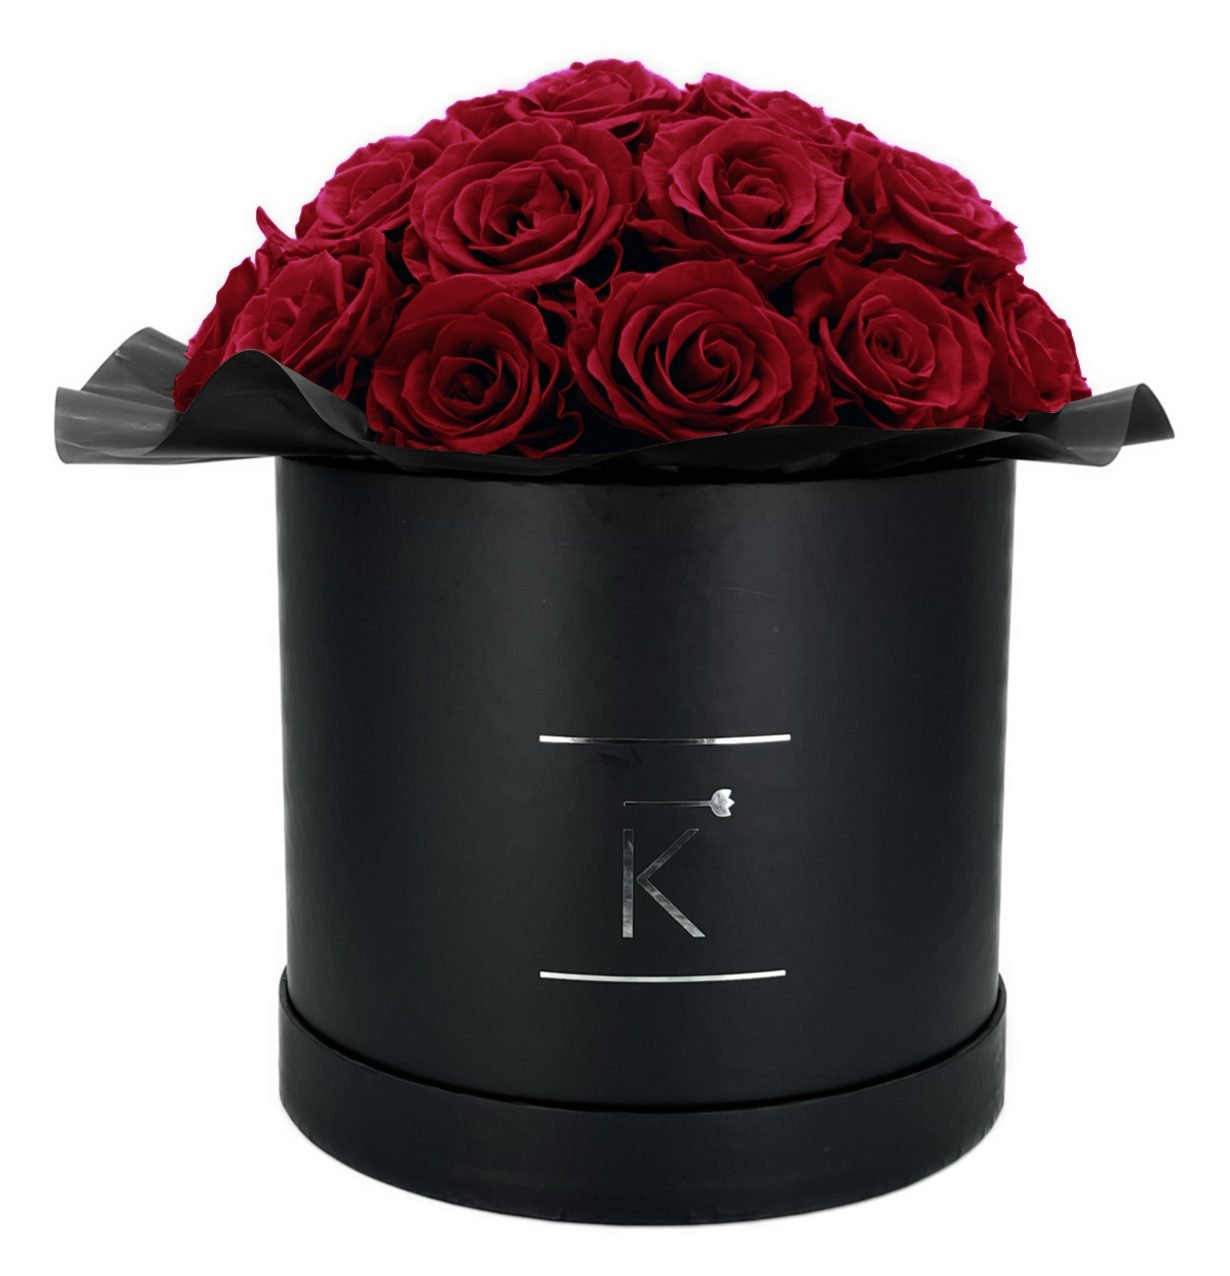 Gorgeous Infinity Rosenbox in schwarz mit dunkelroten Rosen